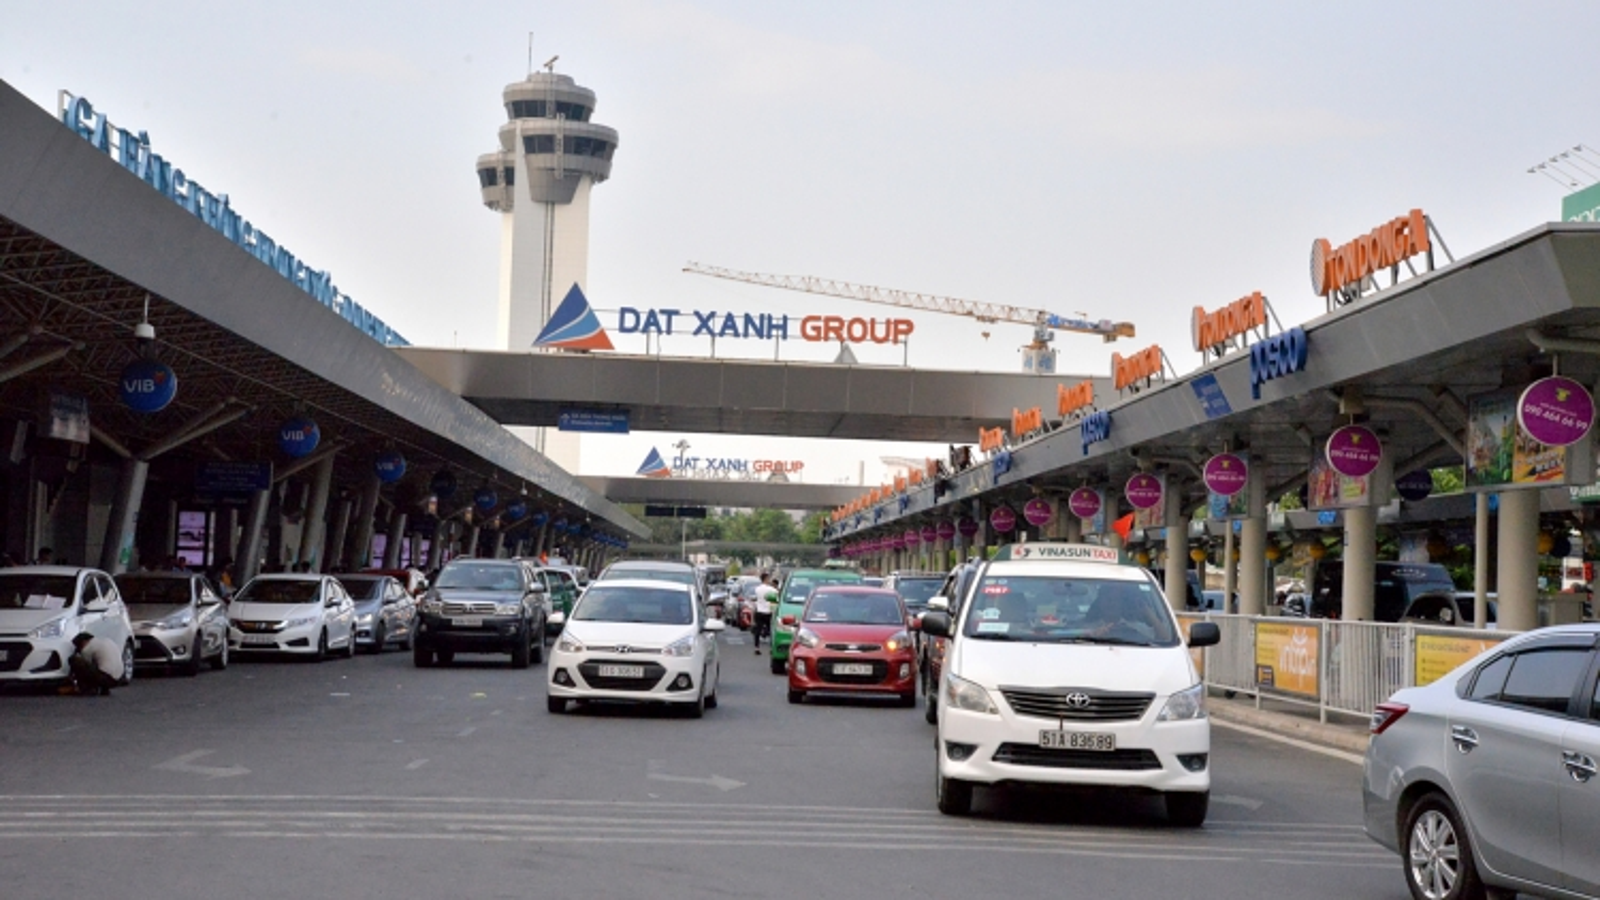 Đề xuất nghiên cứu xây cầu bộ hành ở sân bay Tân Sơn Nhất